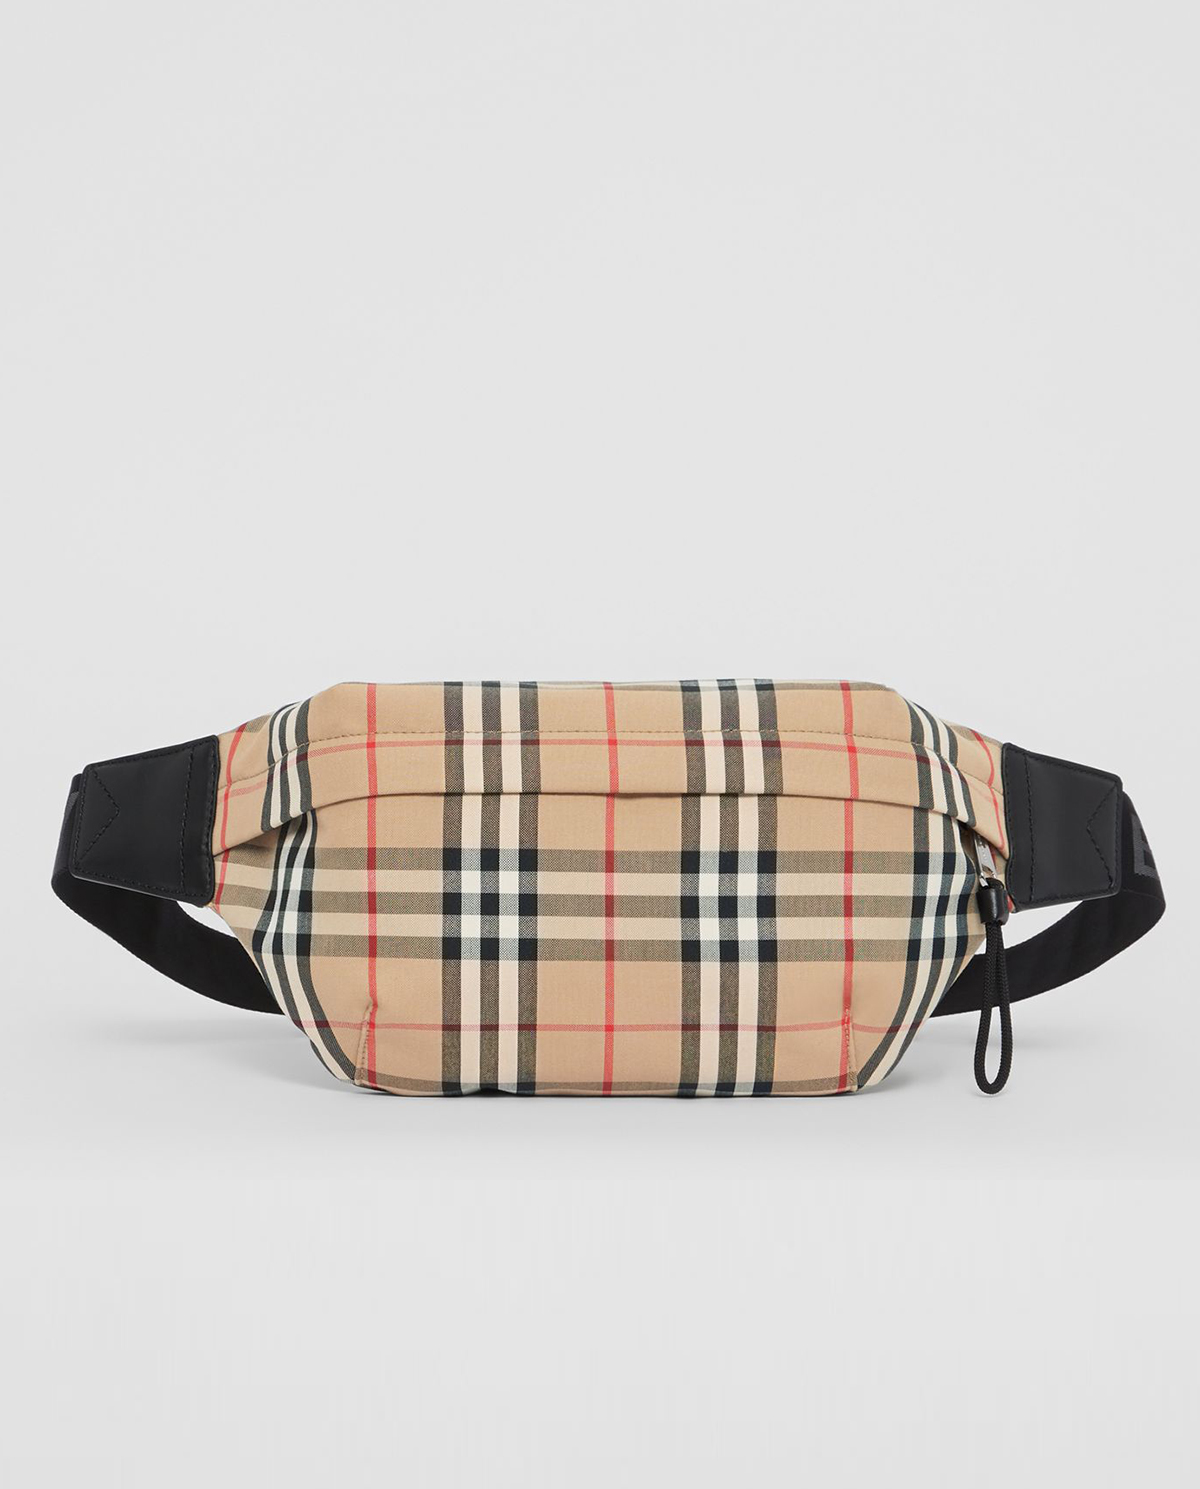 klasyczna torba nerka marki Burberry w beżowym kolorze M8010430 A5373